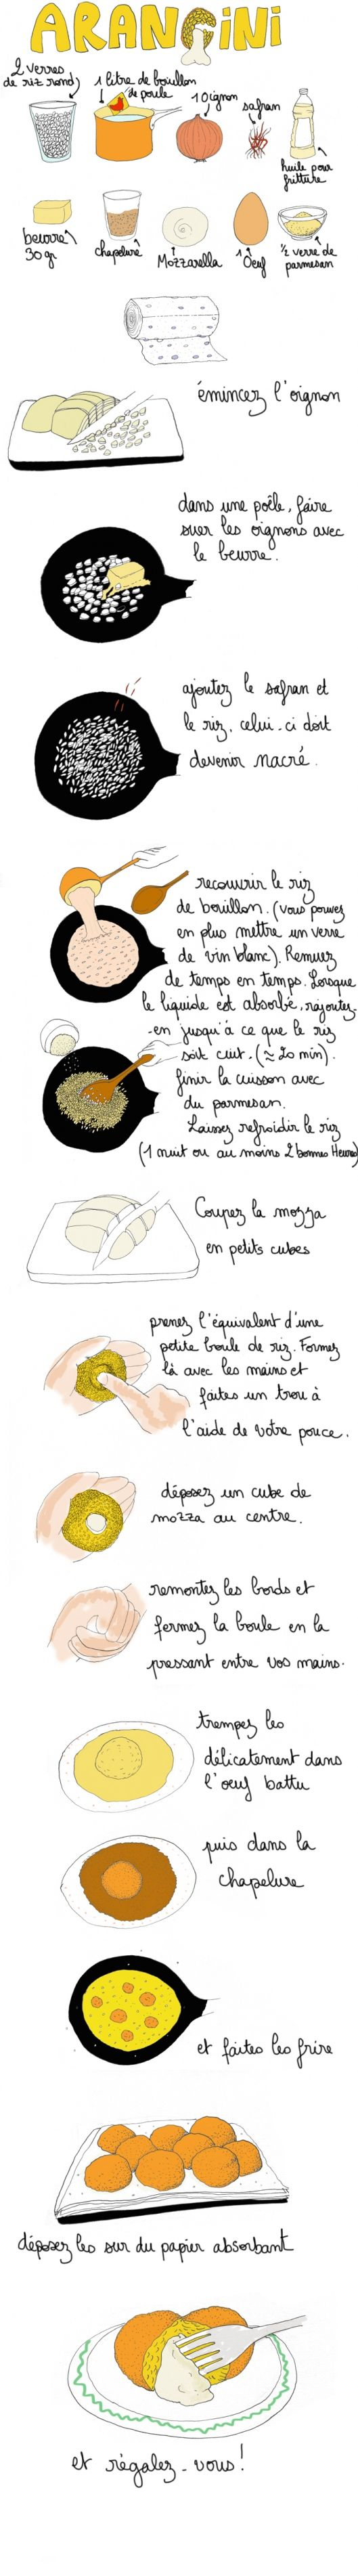 Arancini - boulettes de riz avec mozzarella (possible d'y mettre du kefta ou tomate cerise ou épinards!!)